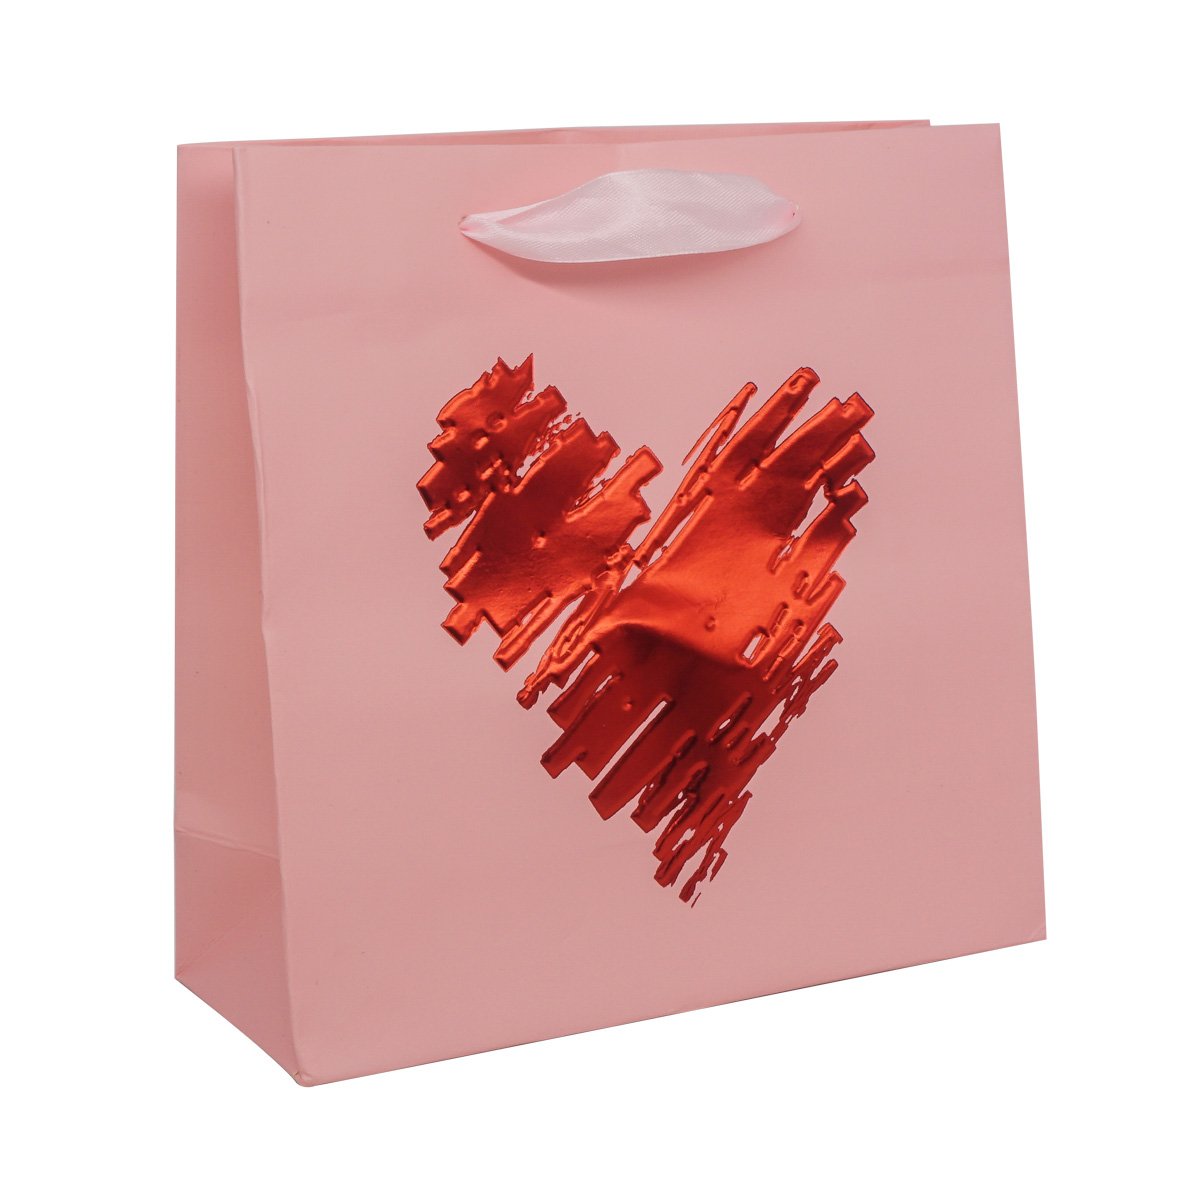 QR031 Пакет подарочный ламинированный 'Сердце', 20*20*8см